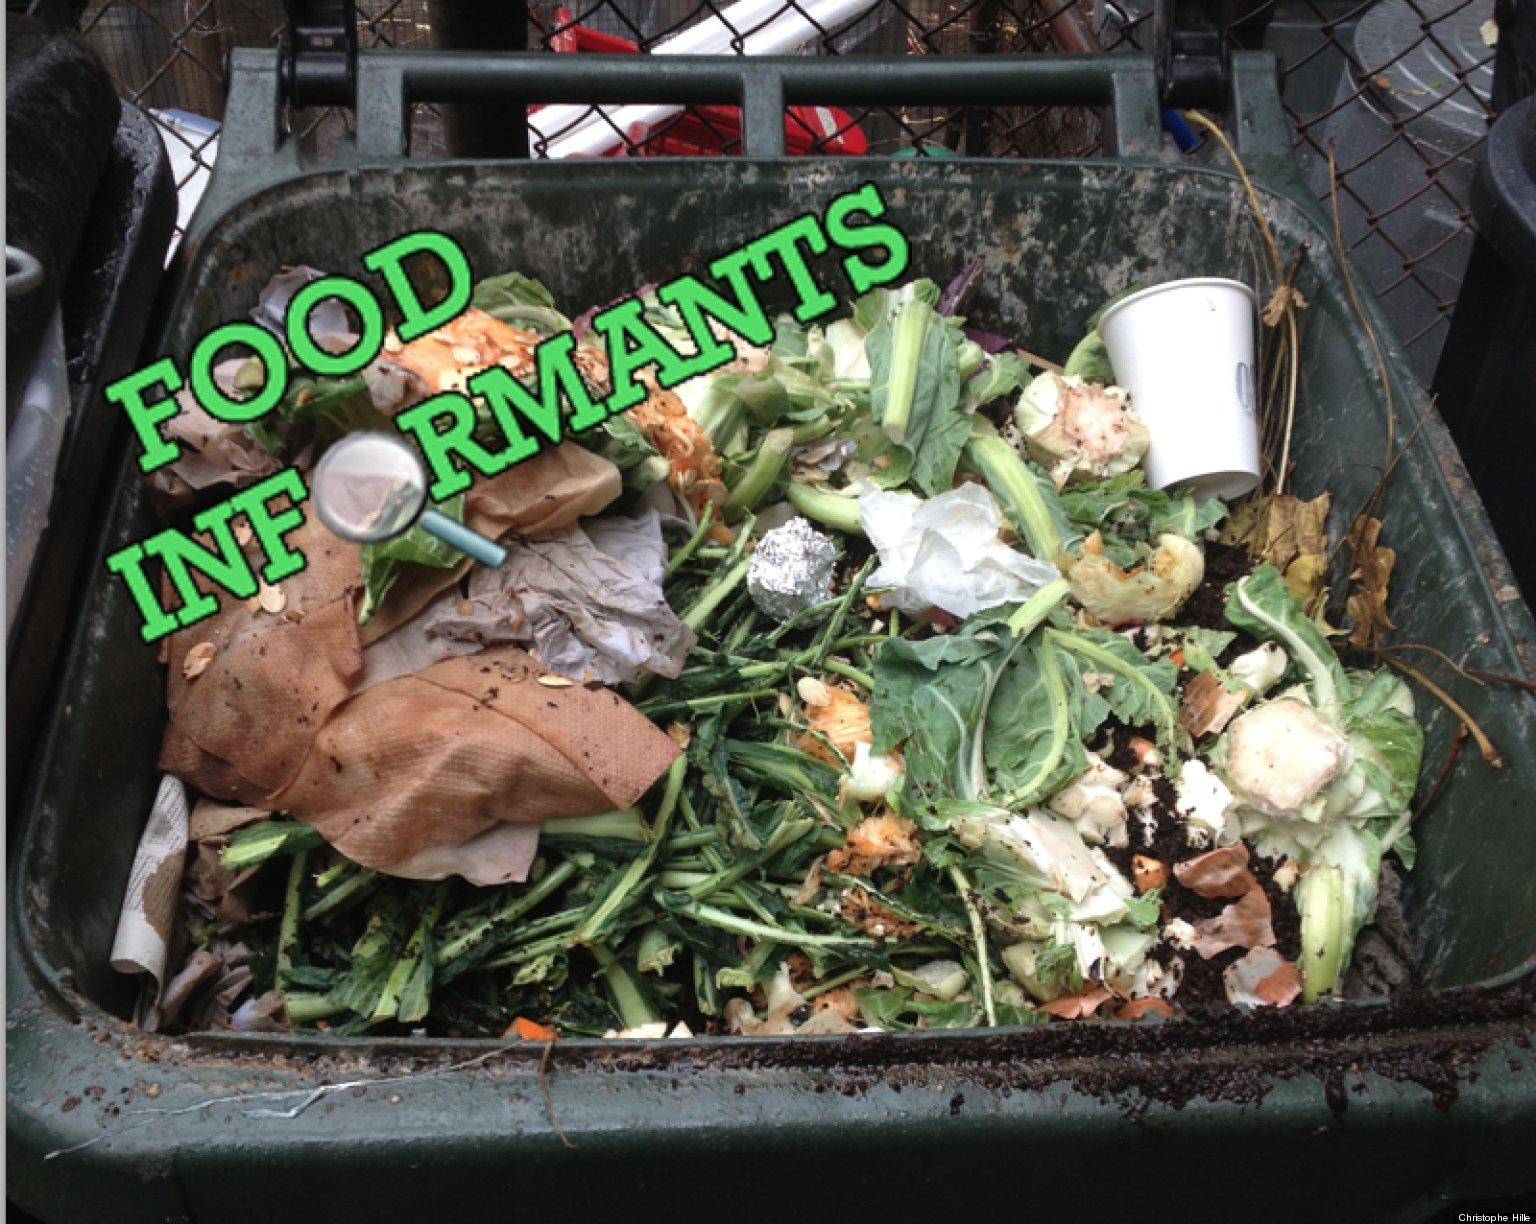 Wastage of food essay